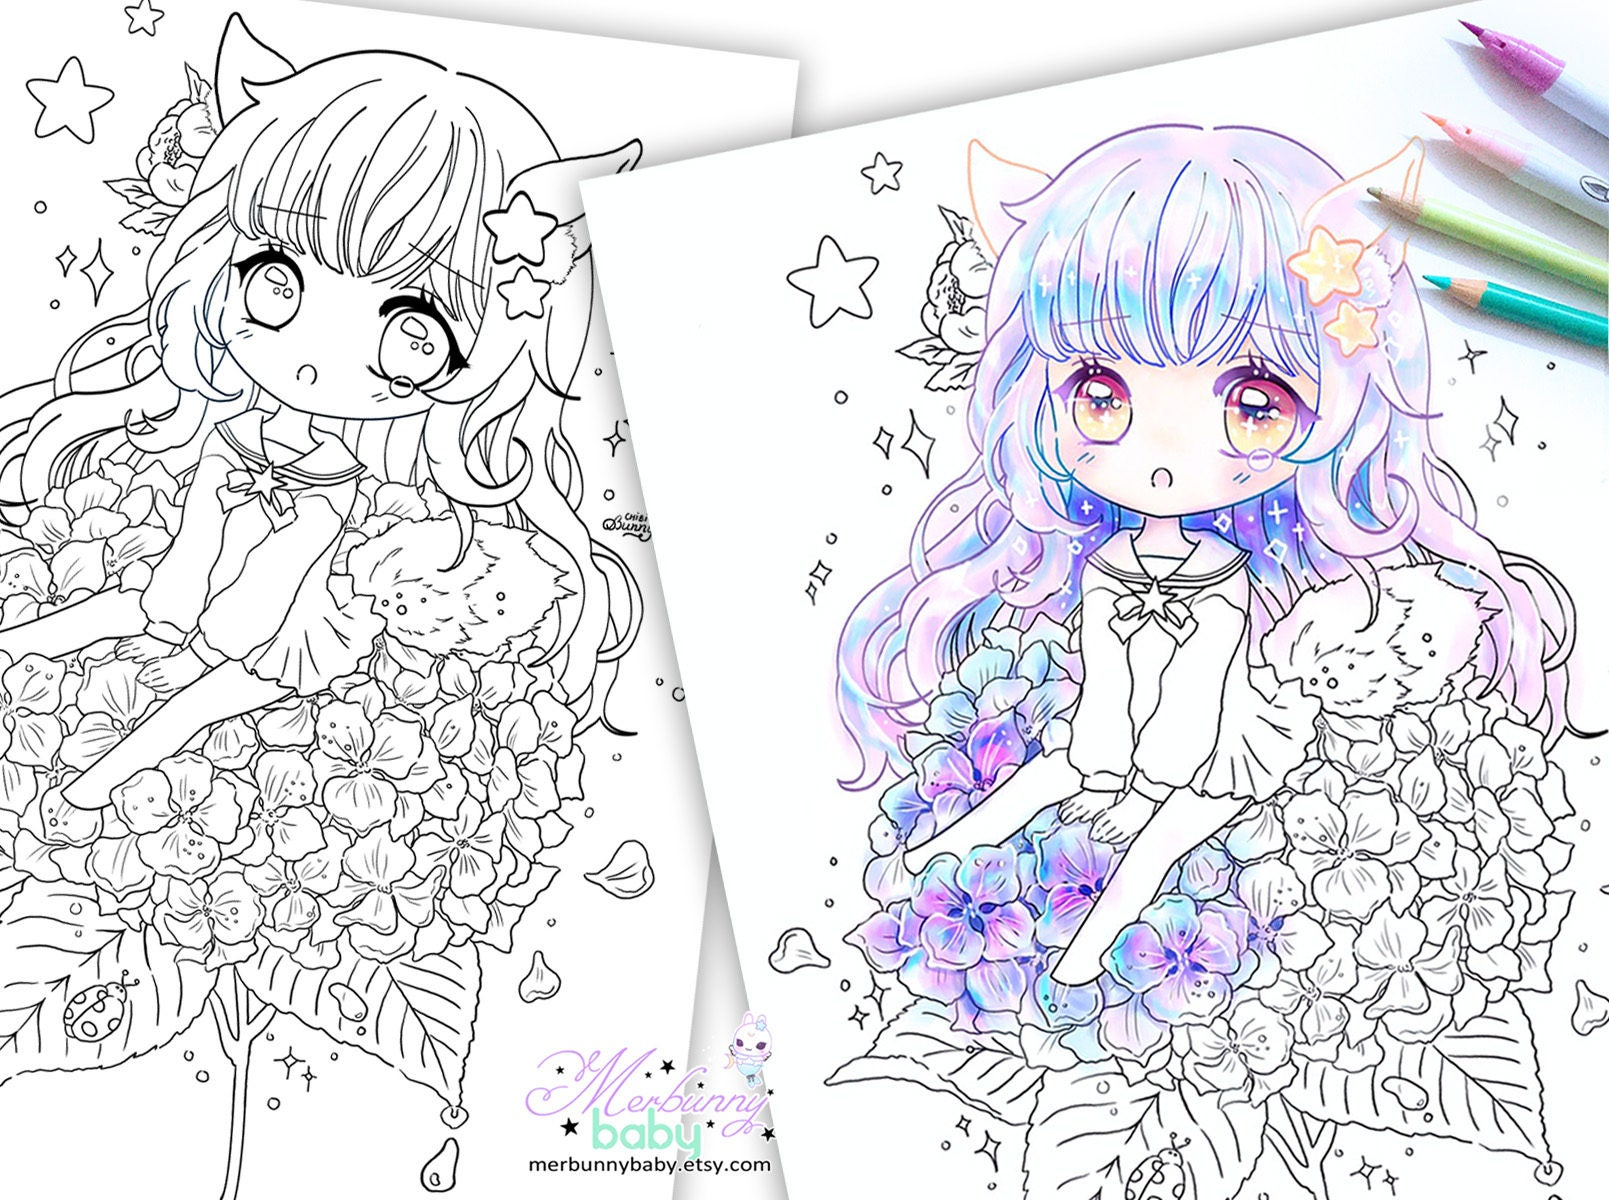 Chibi Mädchen auf Hortensie Malvorlagen süße Anime Manga